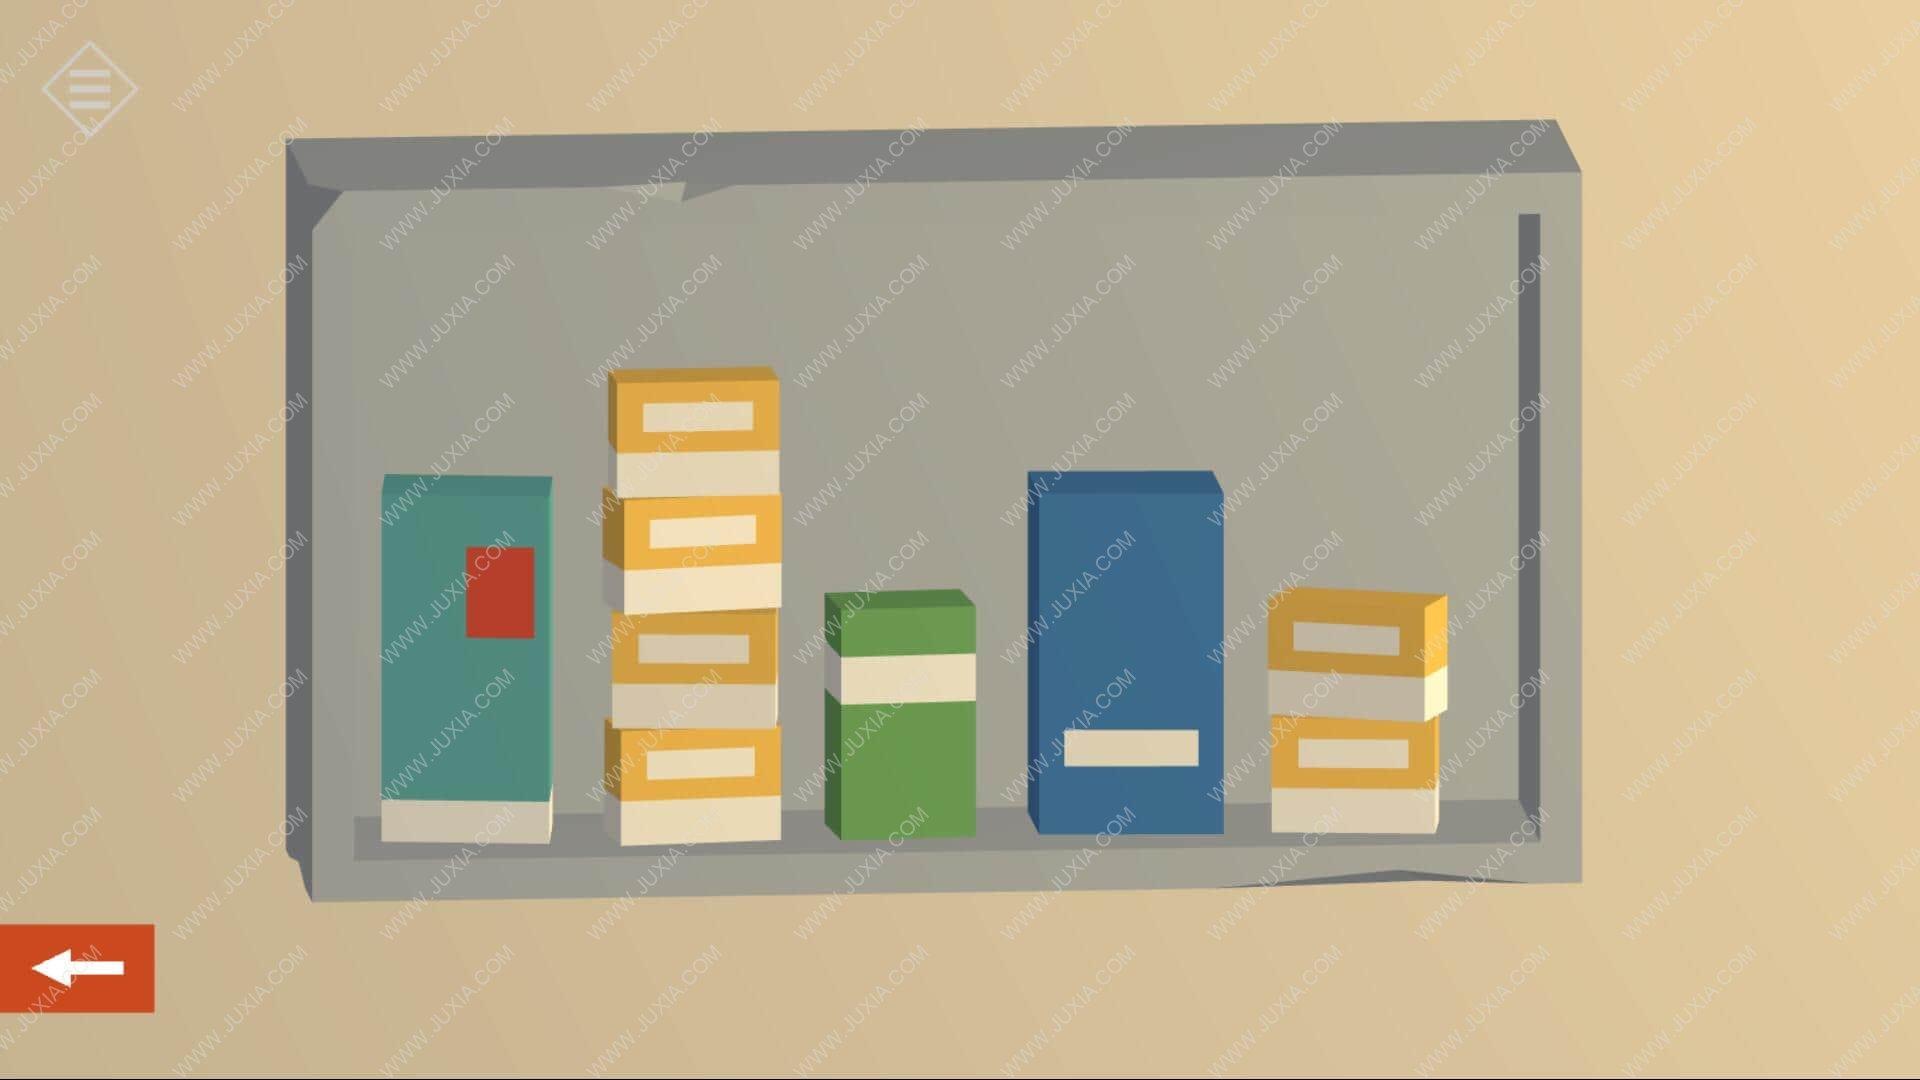 小房间故事攻略第七章加油站 TinyRoomStoriesTownMystery第二季攻略第七章便利店2